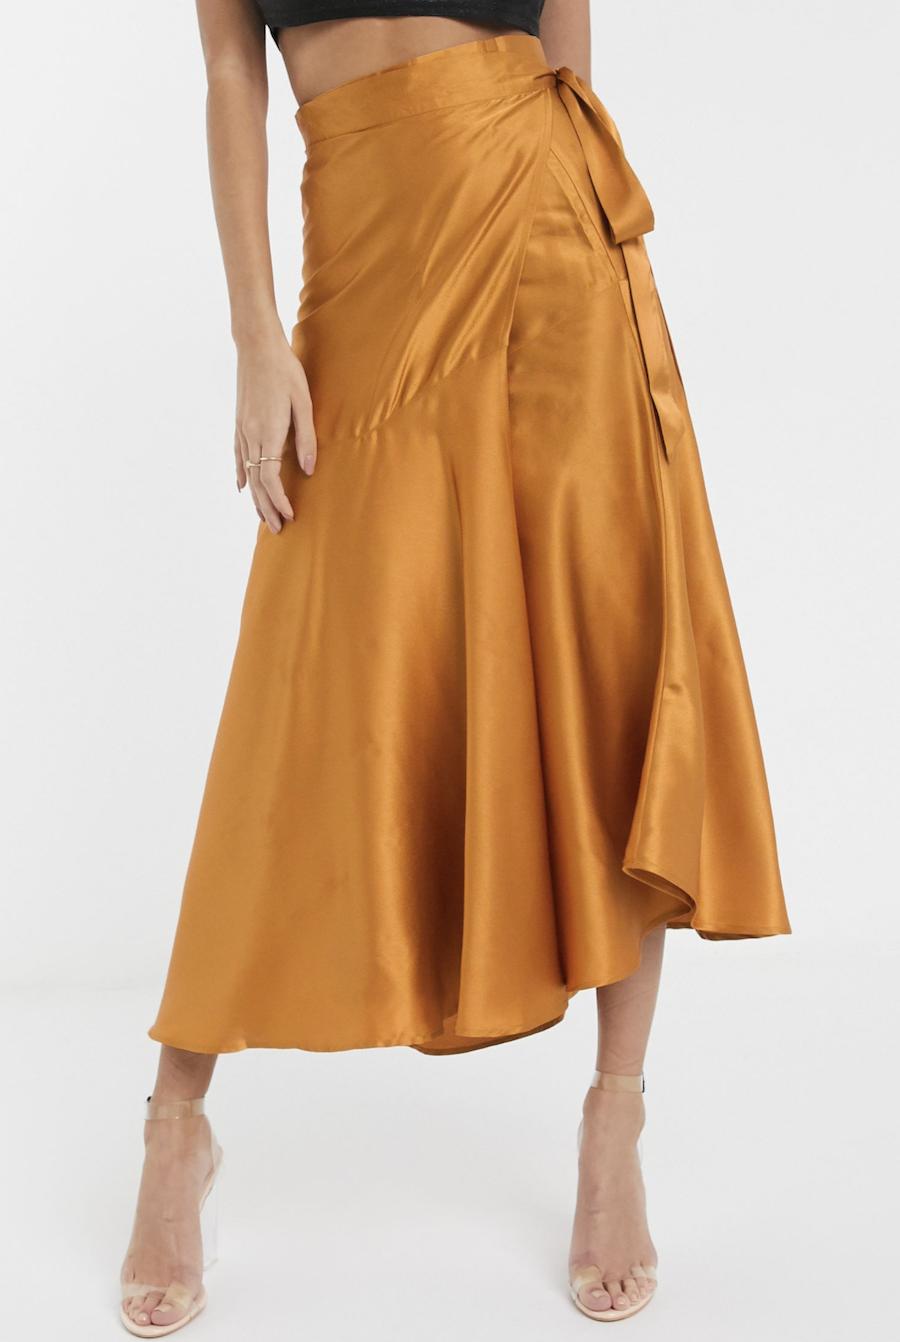 Falda cruzada con volantes de satén en color teja de Unique 21